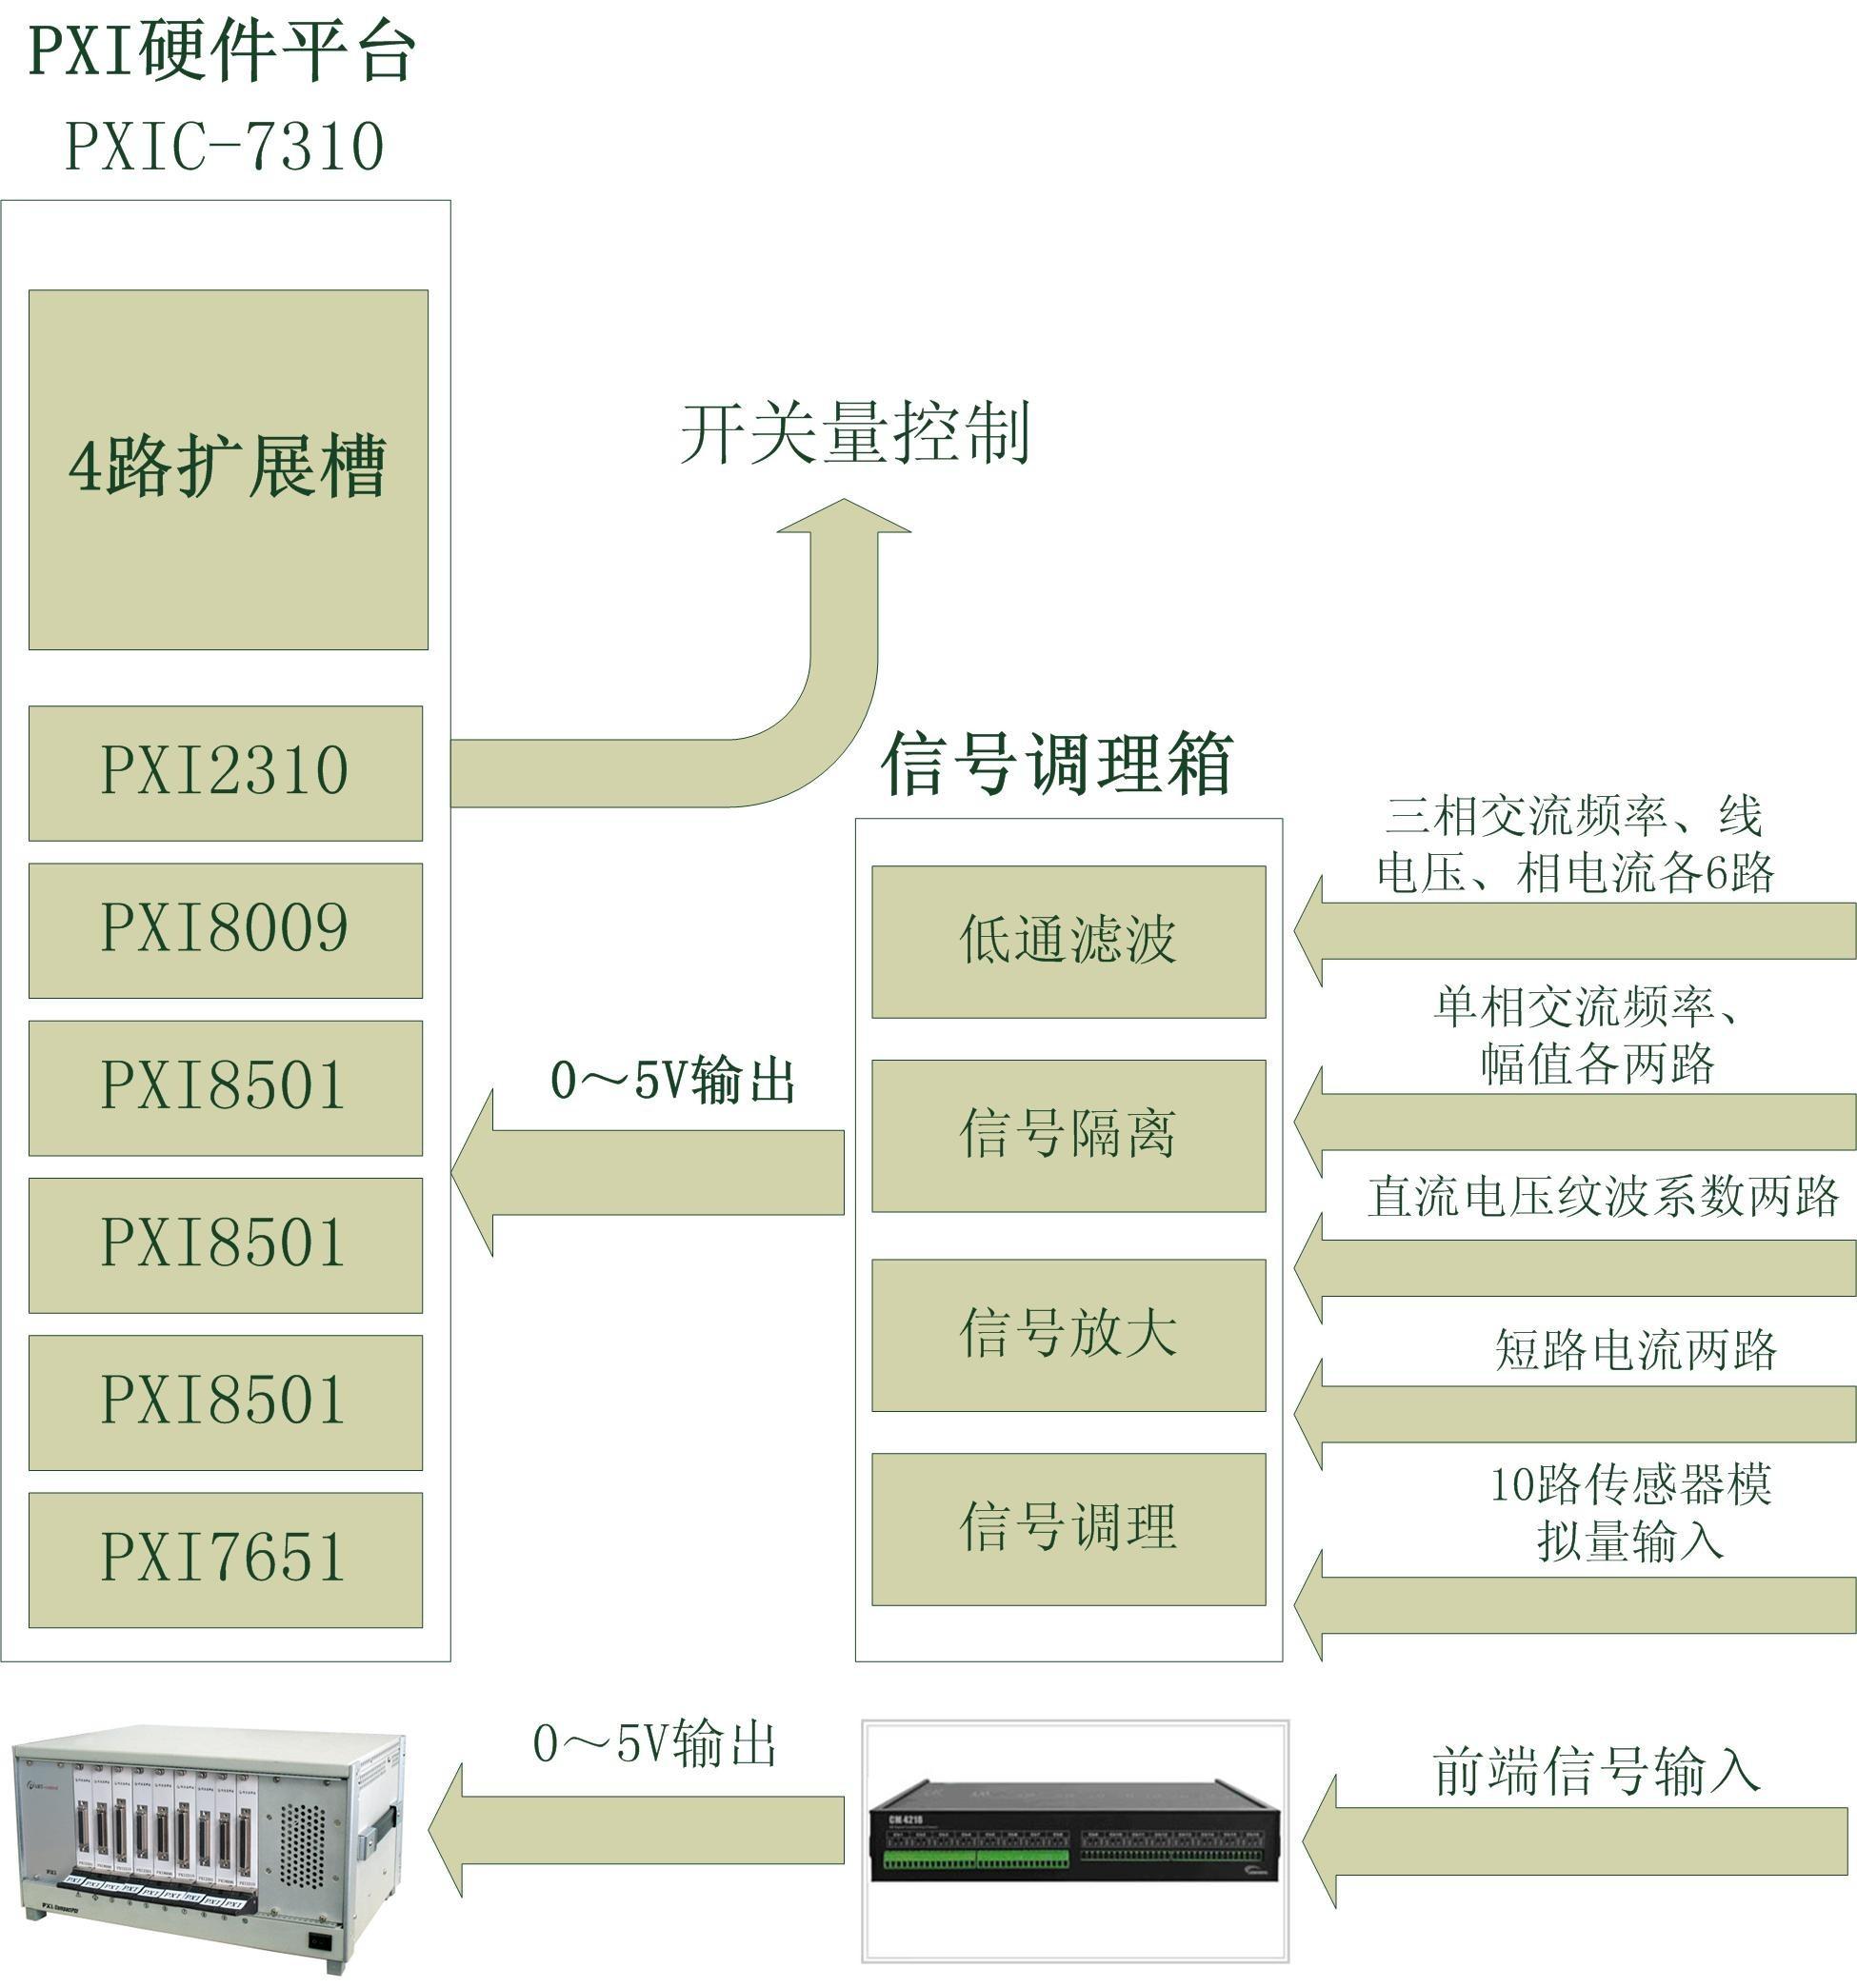 发动机对于一个动力系统来说起着决定性的作用,所以对其测试也是一个重要的项目,本测试系统由3U 10槽PXI7310机箱、PXI7651控制器、信号调理箱、数据采集模块PXI8009、PXI8501,数字IO模块PXI2310组成。首先,将发动机输出的非标准前端信号通过信号调理箱,调理成系统可识别的标准信号,再由数据采集模块采集发动机的输出信号(包括三相交流频率、三相交流线电压、三相交流相电流、单相交流频率、单相交流电压、29V直流纹波、29V短路电流、温度/流量/振动等信号),数字IO模块进行发动机的状态